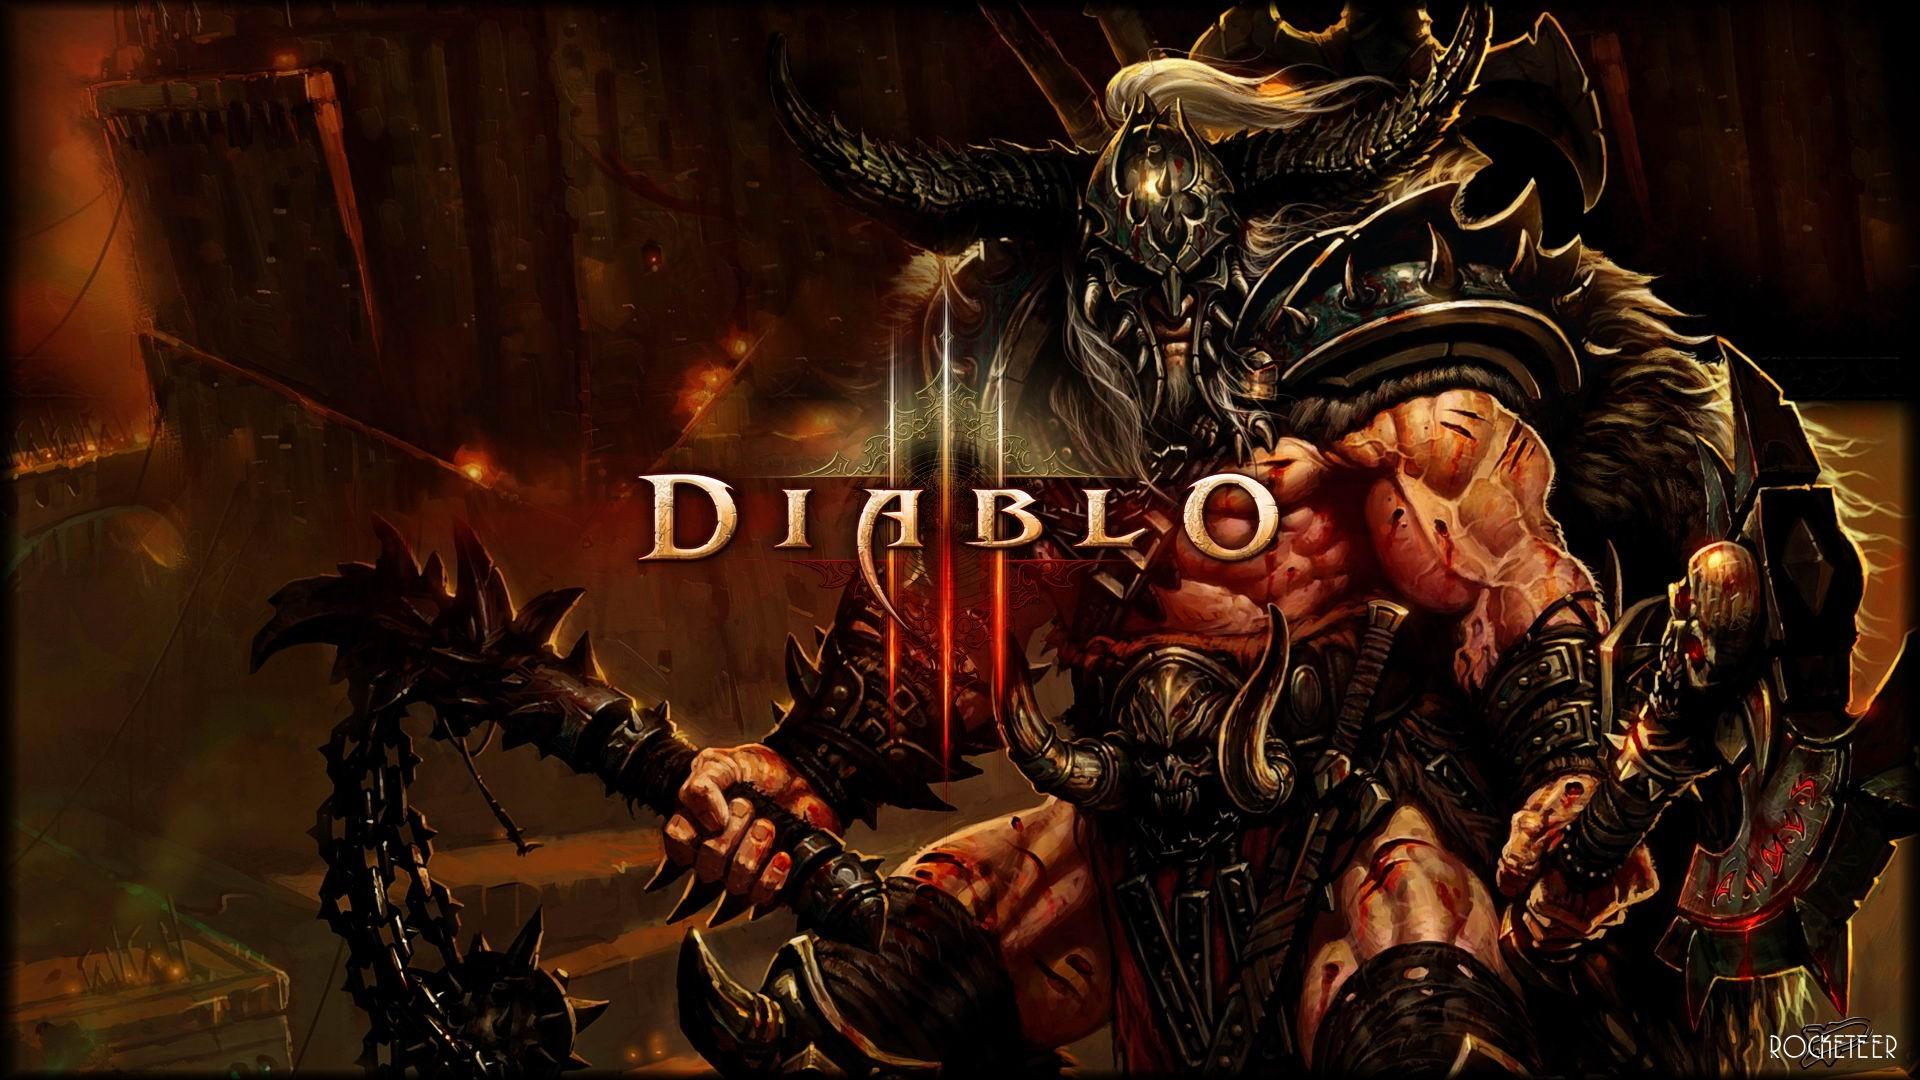 Diablo 2 Wallpaper (66+ images)